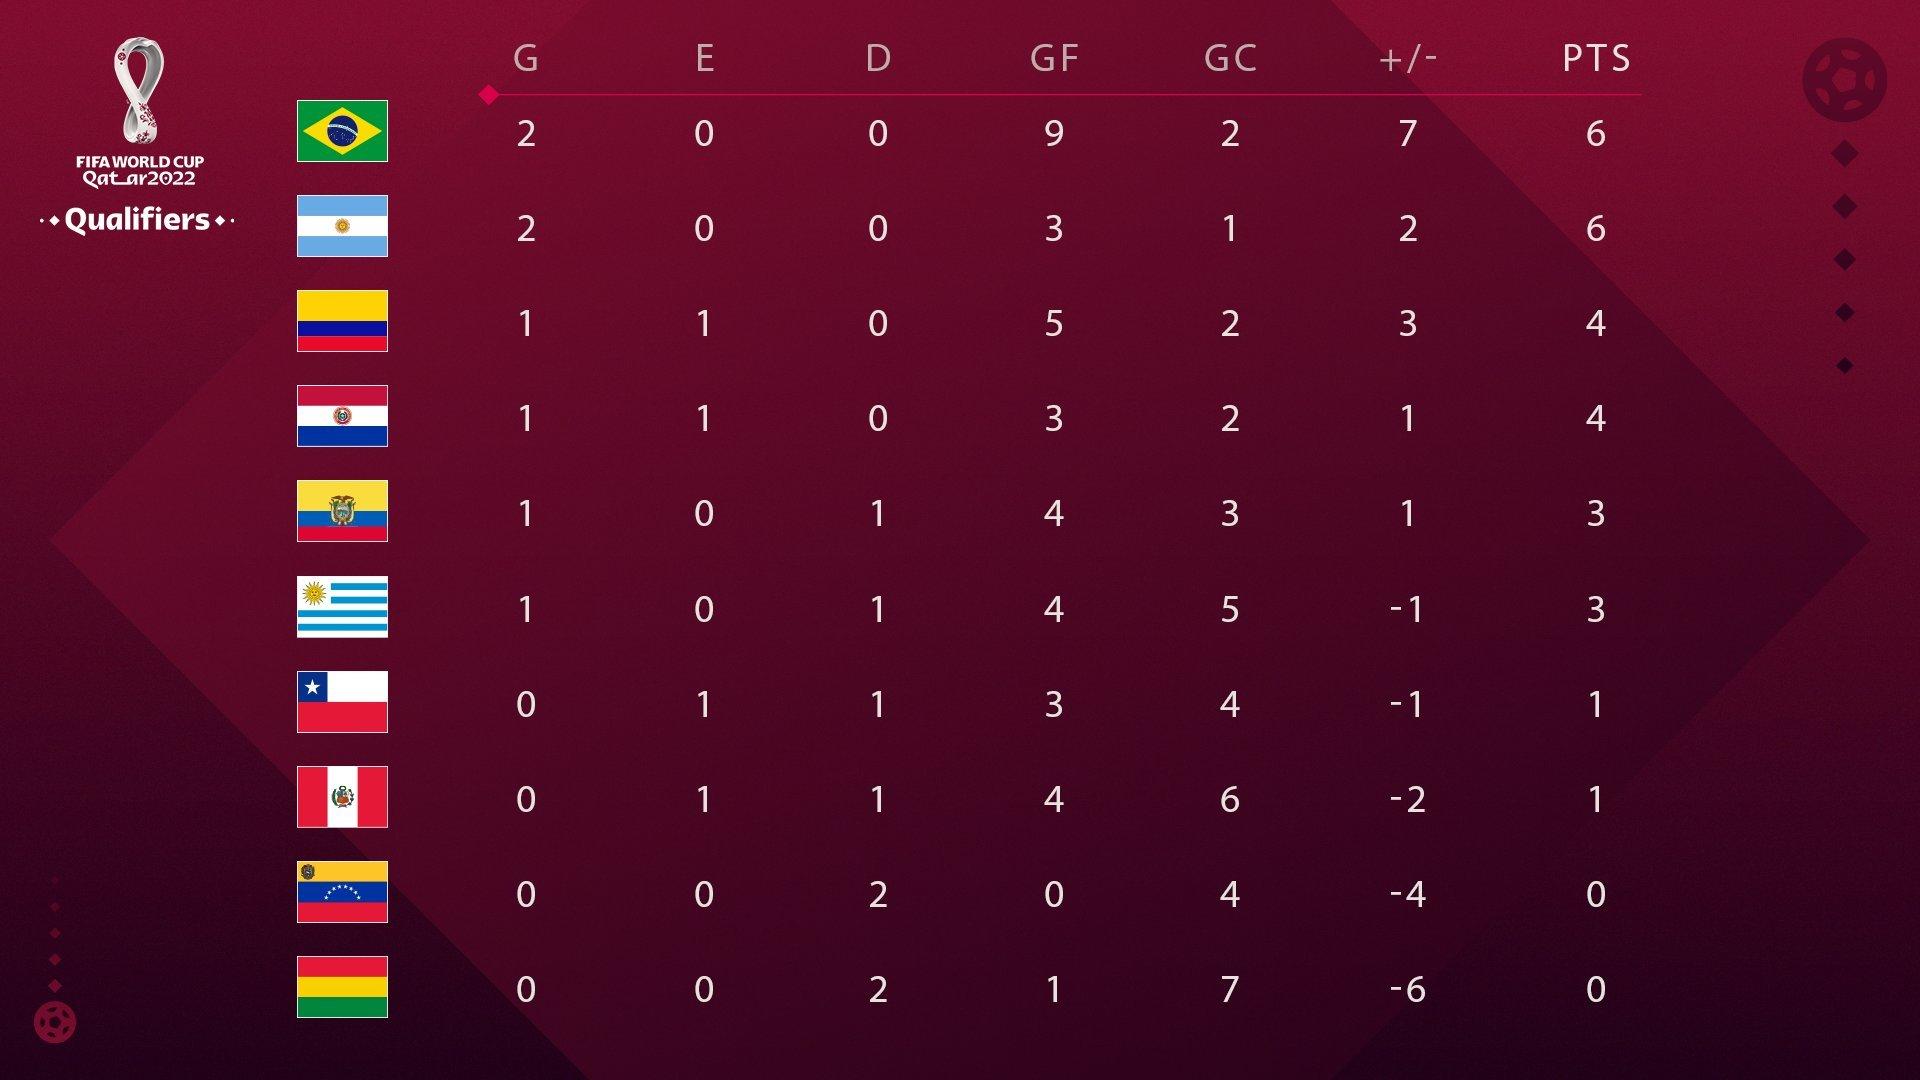 Eliminatorias Sudamericanas: Tabla de Posiciones de la Eliminatoria Conmebol  2020 hacia el Mundial de Qatar 2022   MARCA Claro Argentina